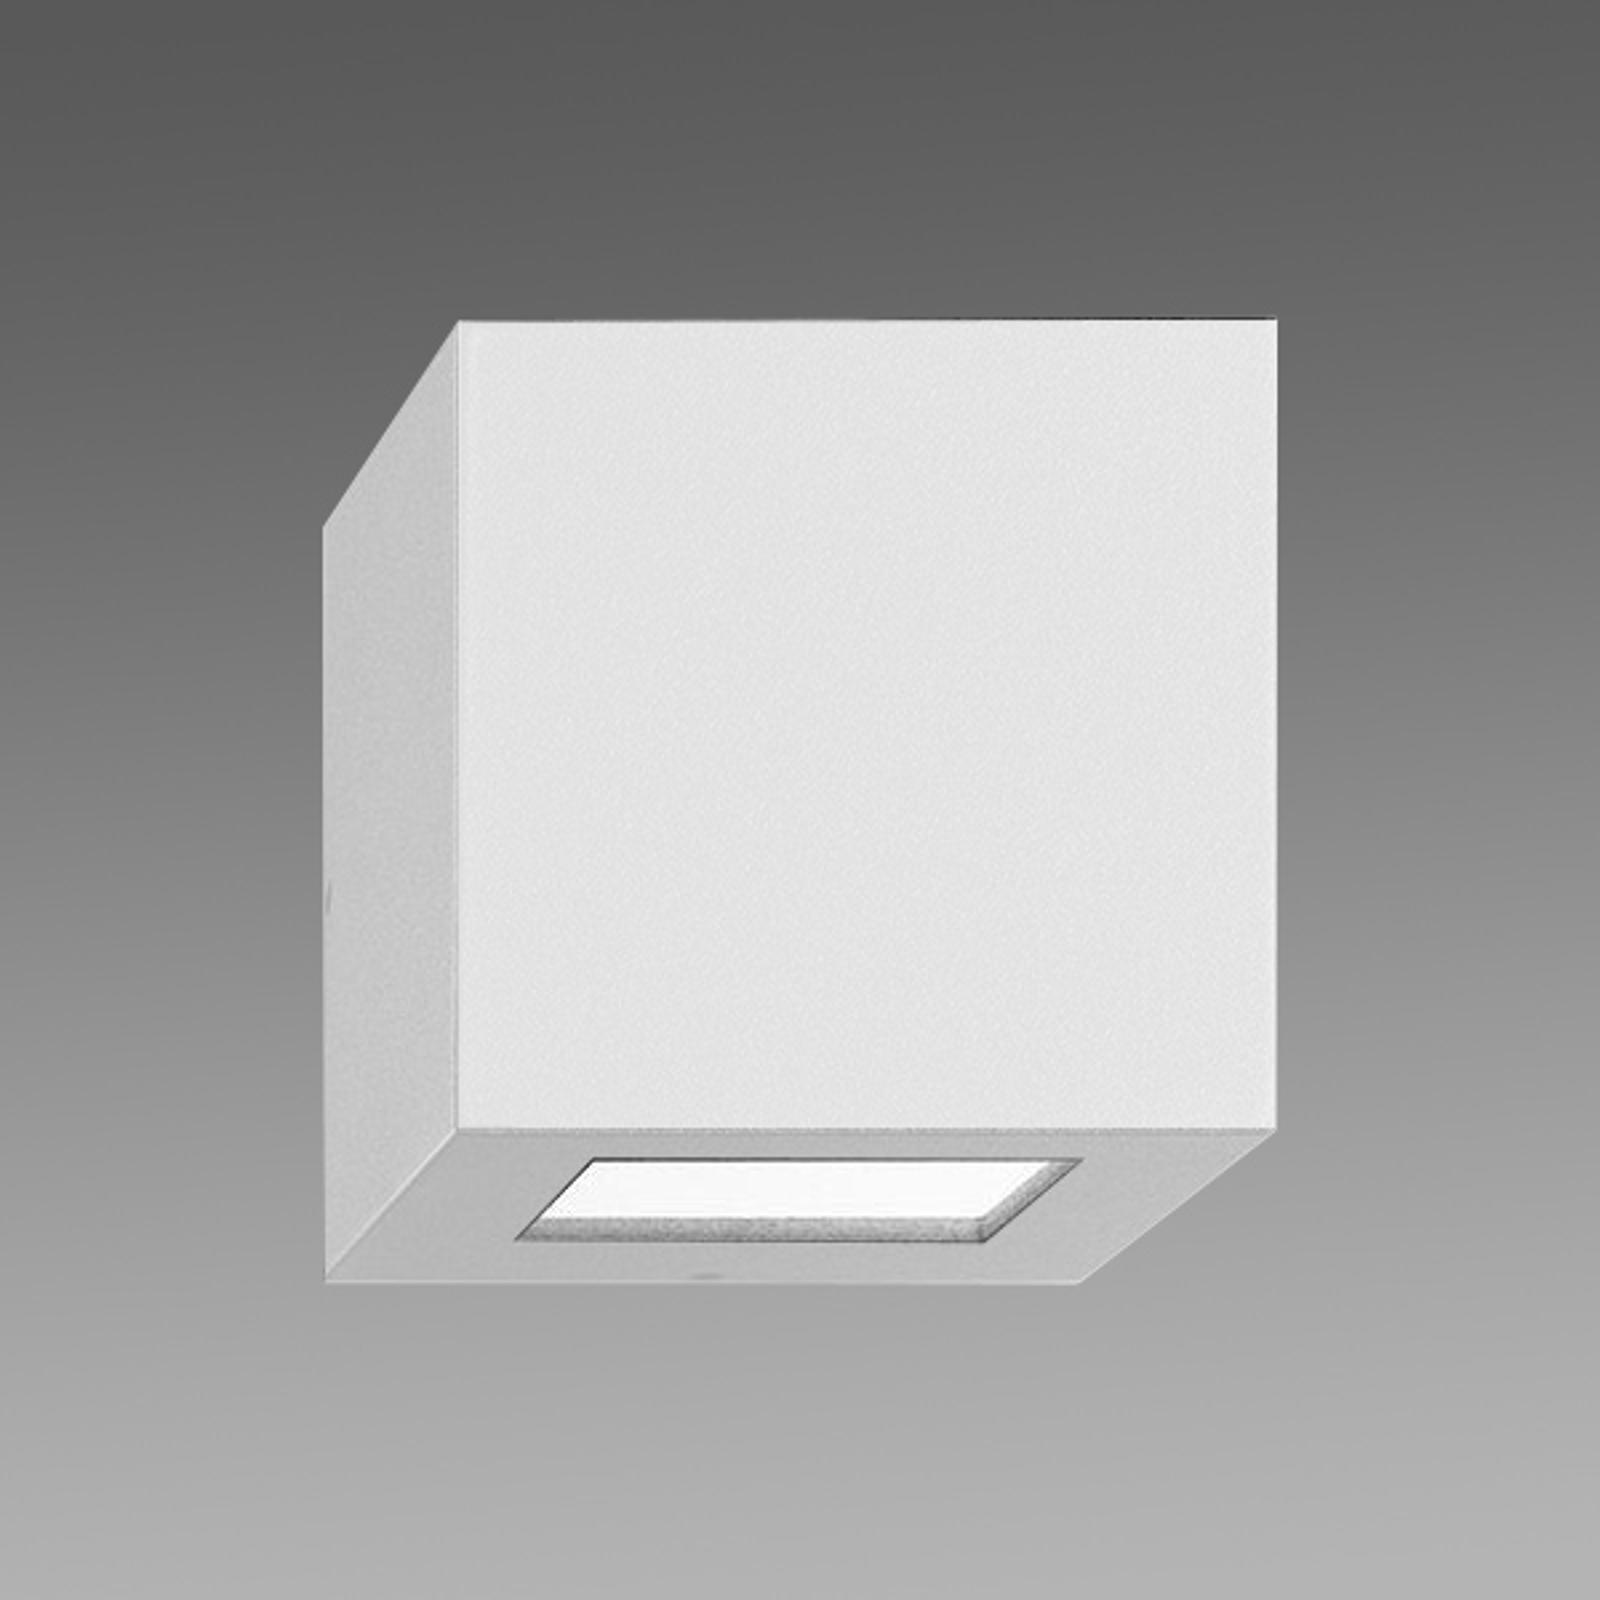 Applique d'extérieur stylée 700268 2 W, blanc